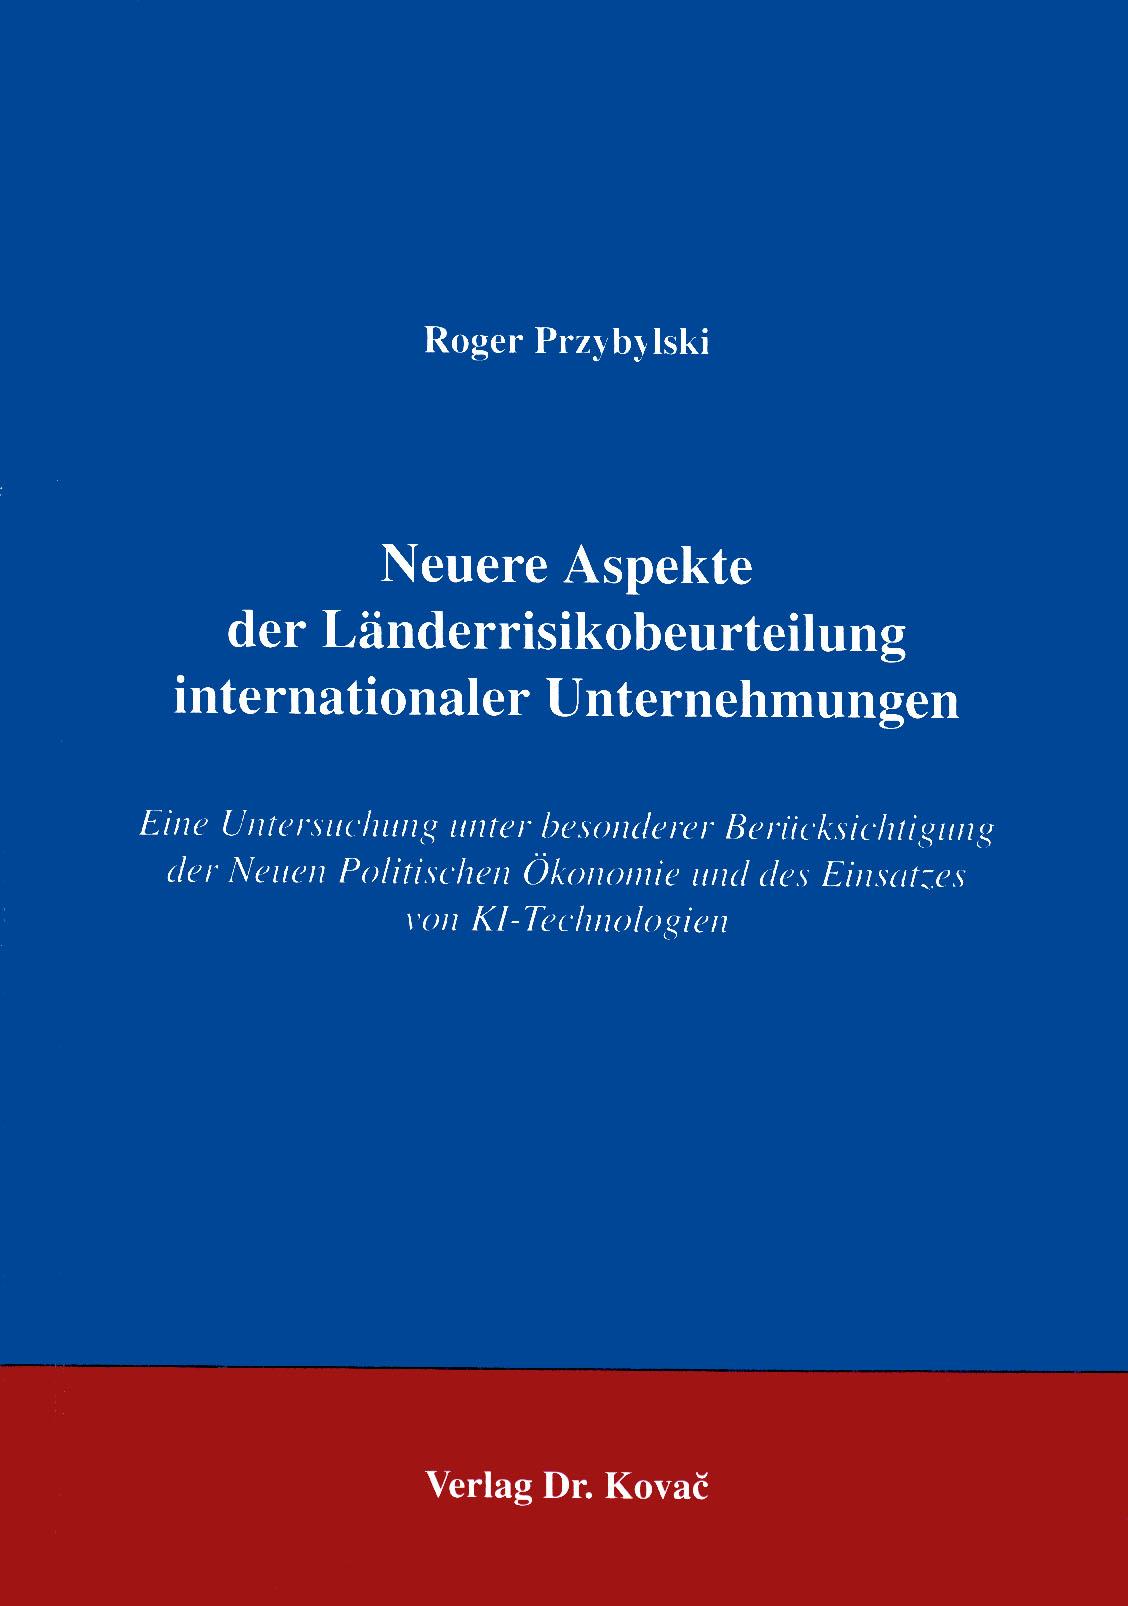 Cover: Neuere Aspekte der Länderrisikobeurteilung internationaler Unternehmungen